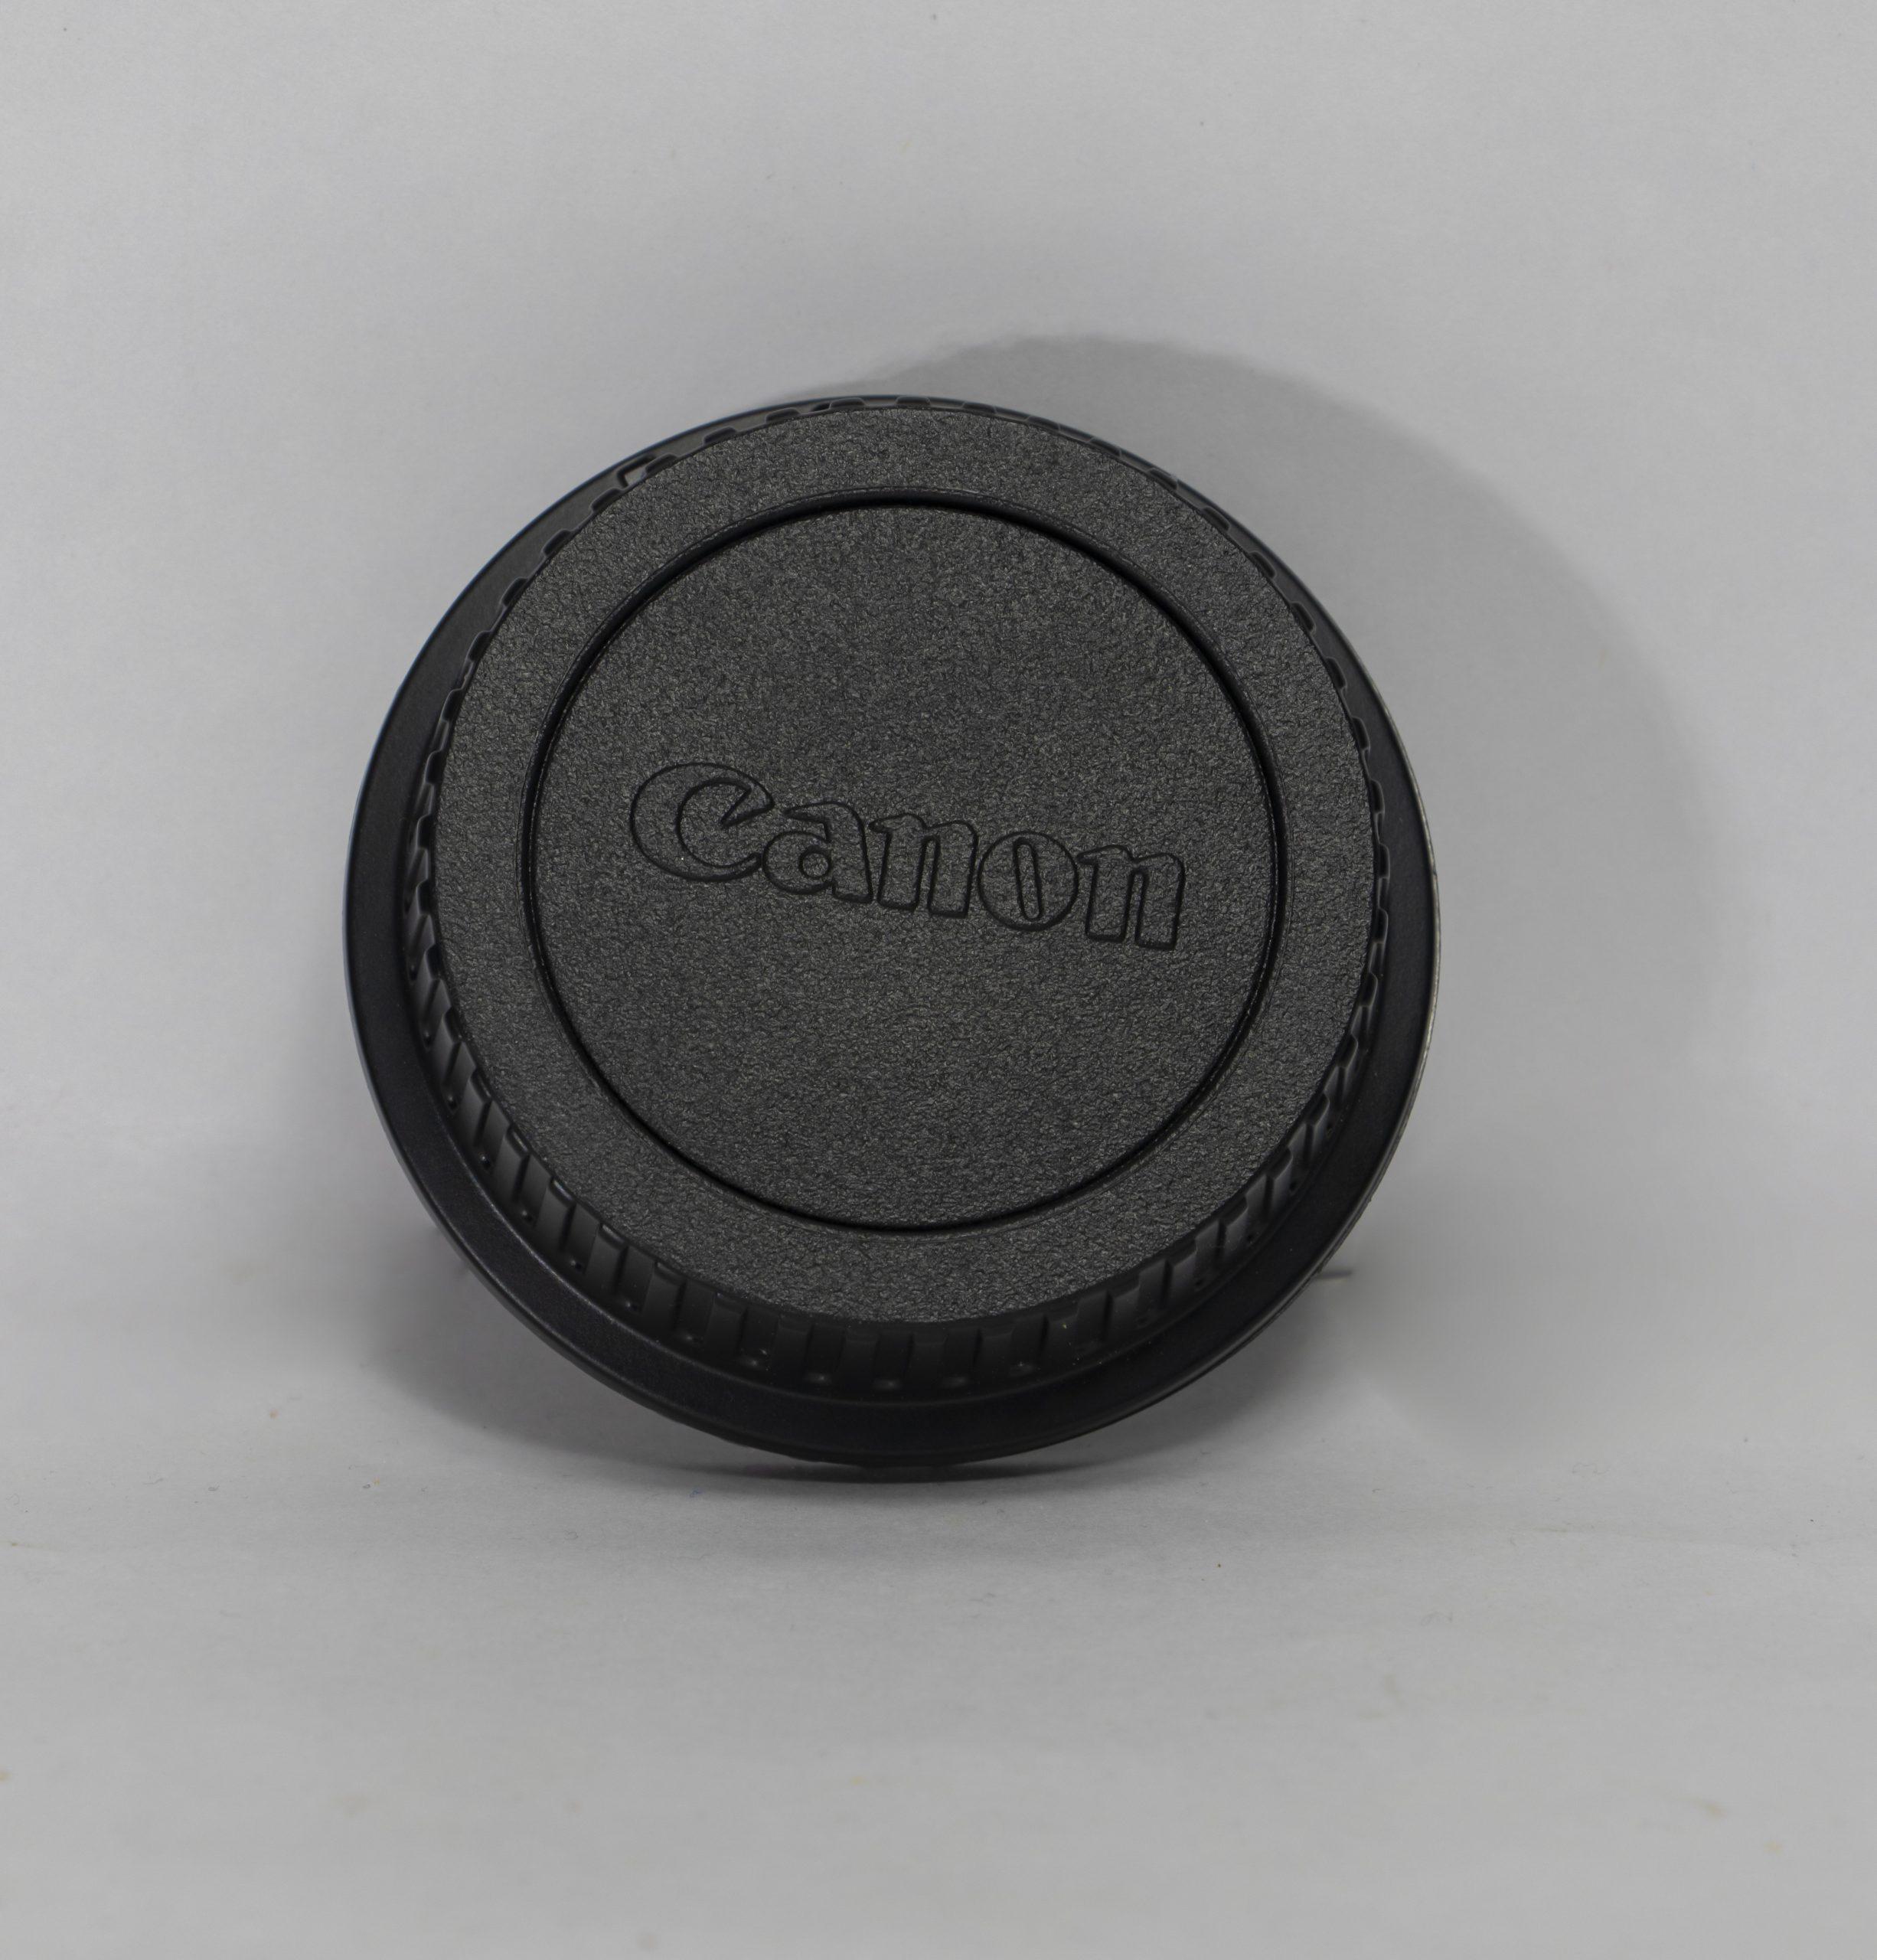 Canon camera lens cap